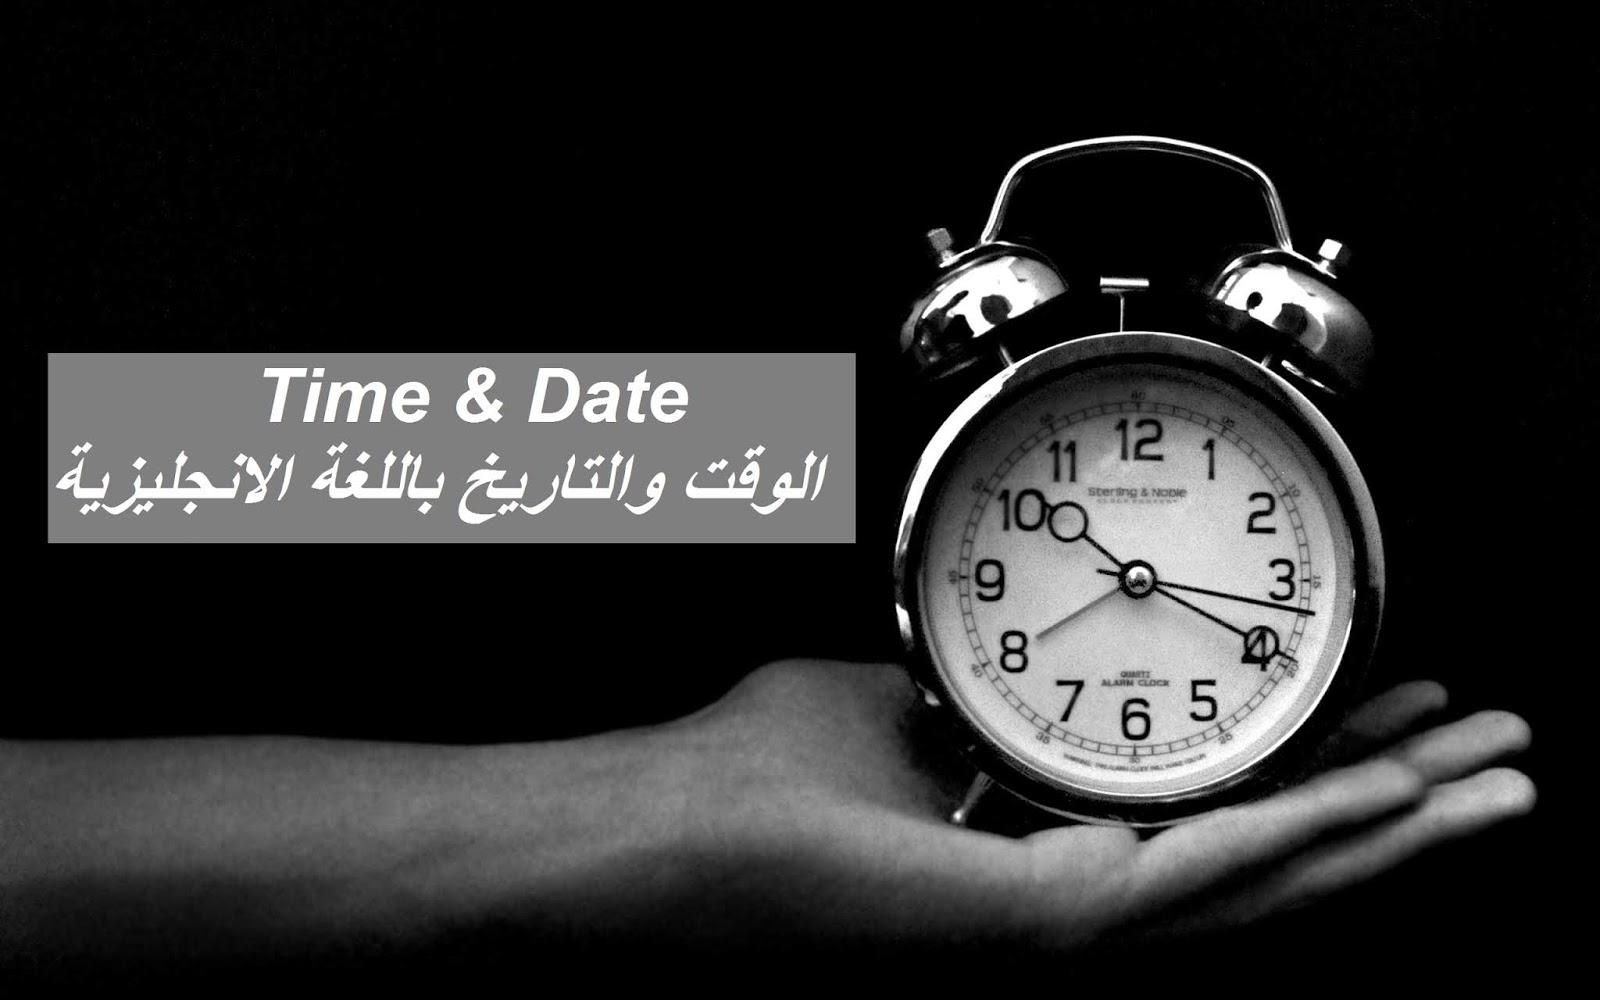 الوقت والتاريخ في اللغة الانجليزية بشكل مبسط جدا